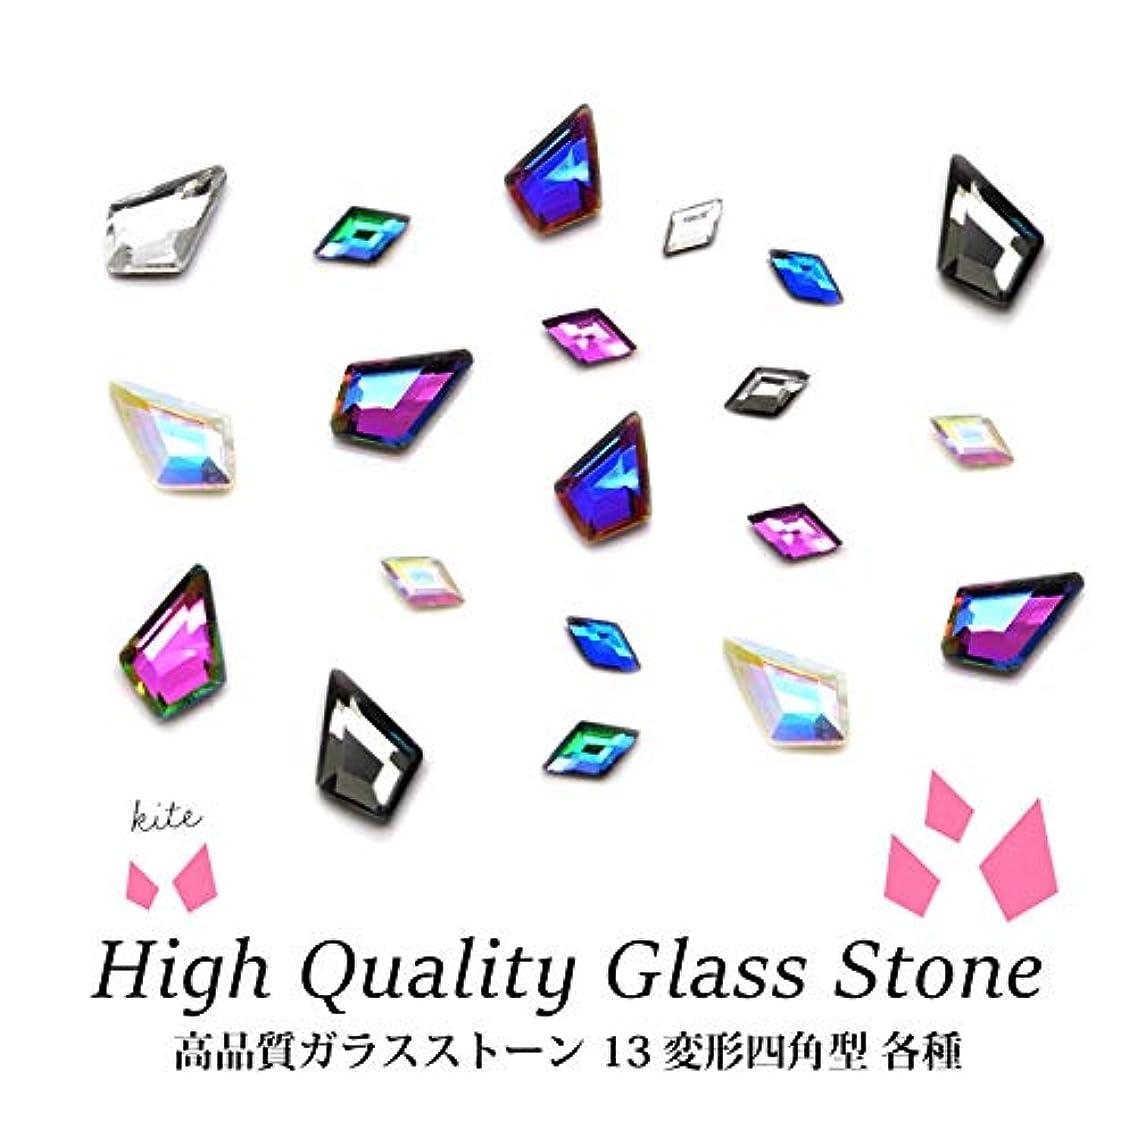 シンプルな対人メイエラ高品質ガラスストーン 13 変形四角型 各種 5個入り (5.エメラルドシャイン)